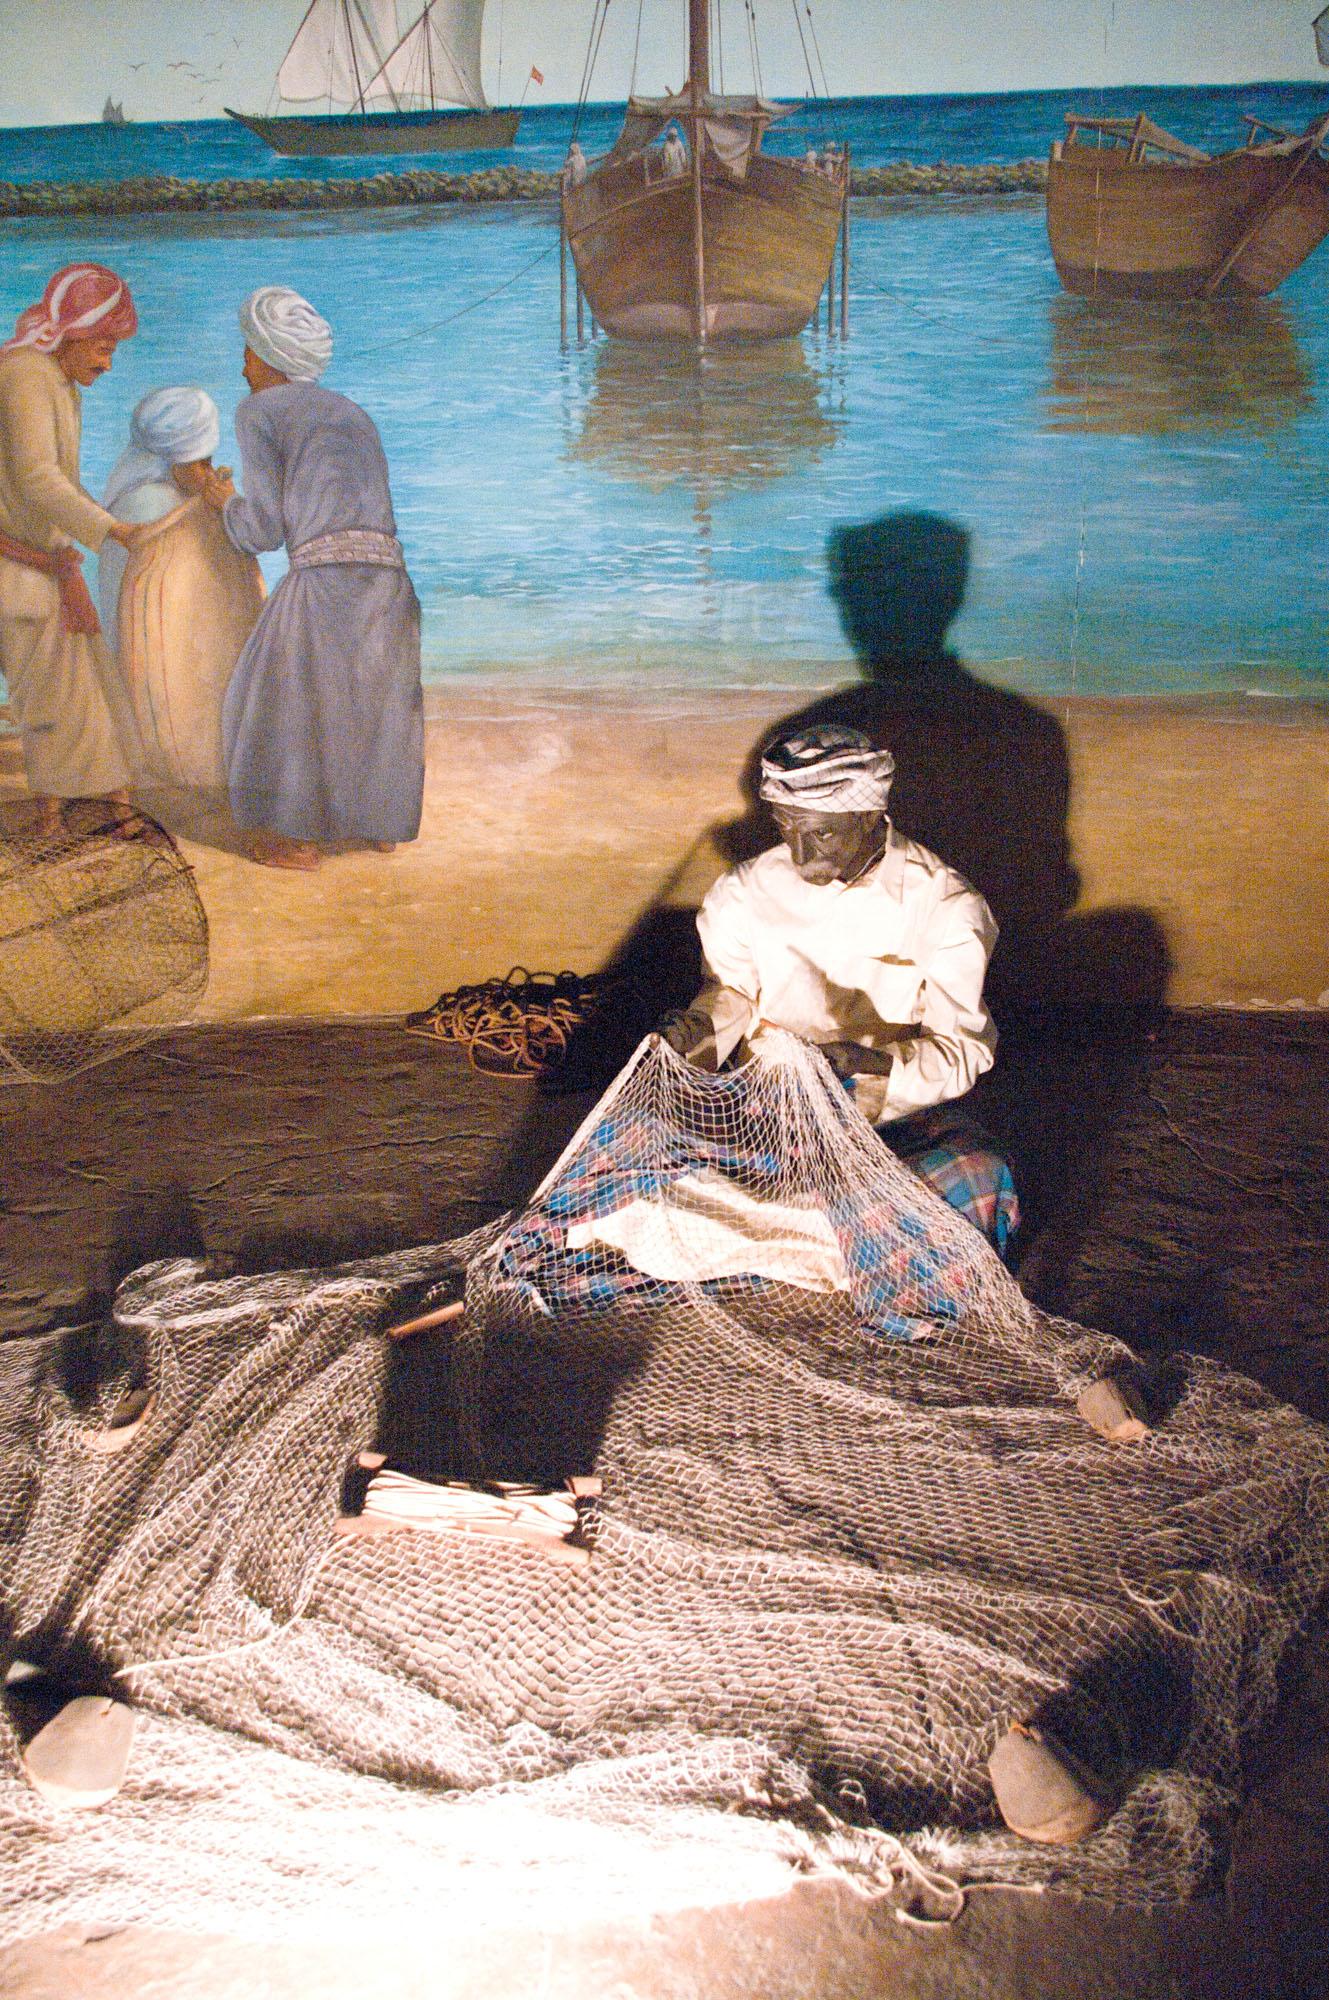 Fig. 3 : scène de reprise ou confection de filet, présentée au Musée National de Koweït (H. David-Cuny 2012)